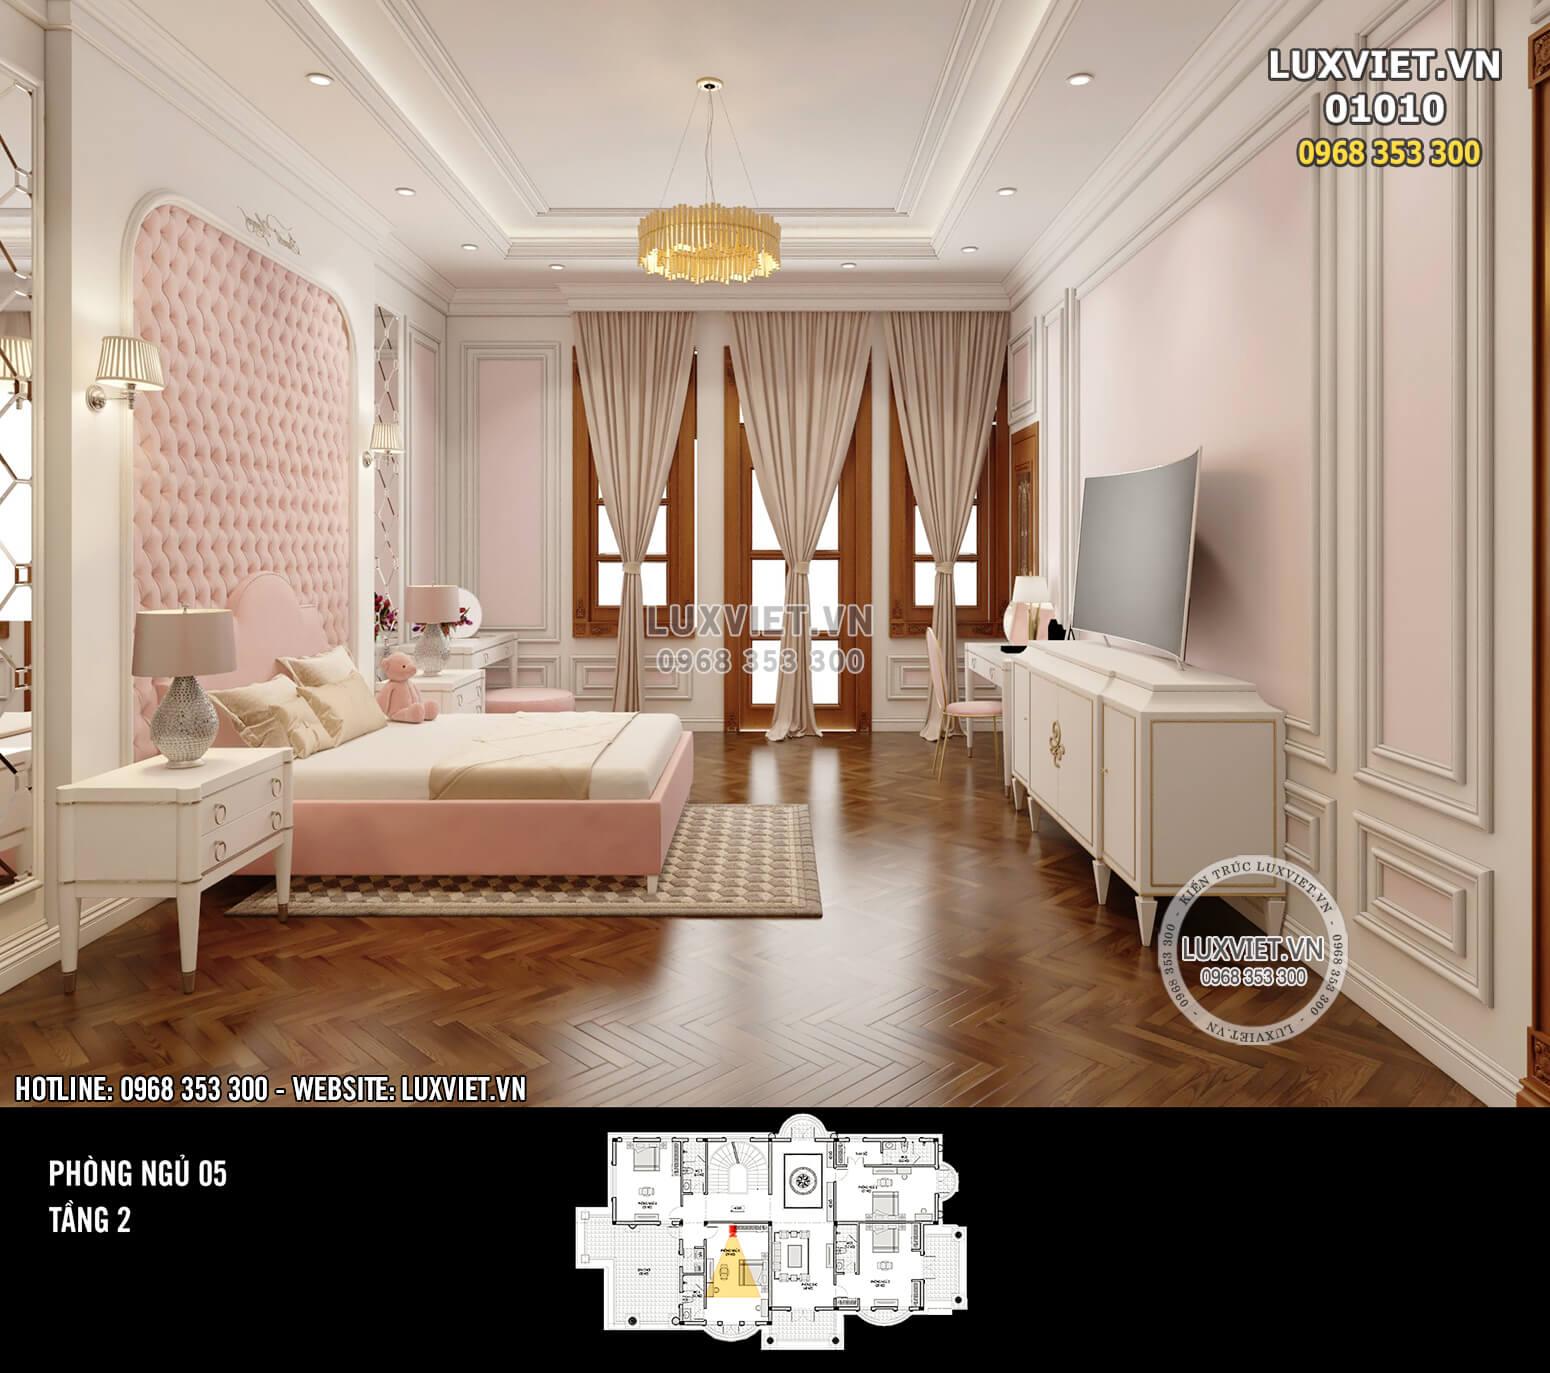 Hình ảnh: Toàn cảnh phòng ngủ 05 cho công chúa nhỏ của cả gia đình - LV 01010